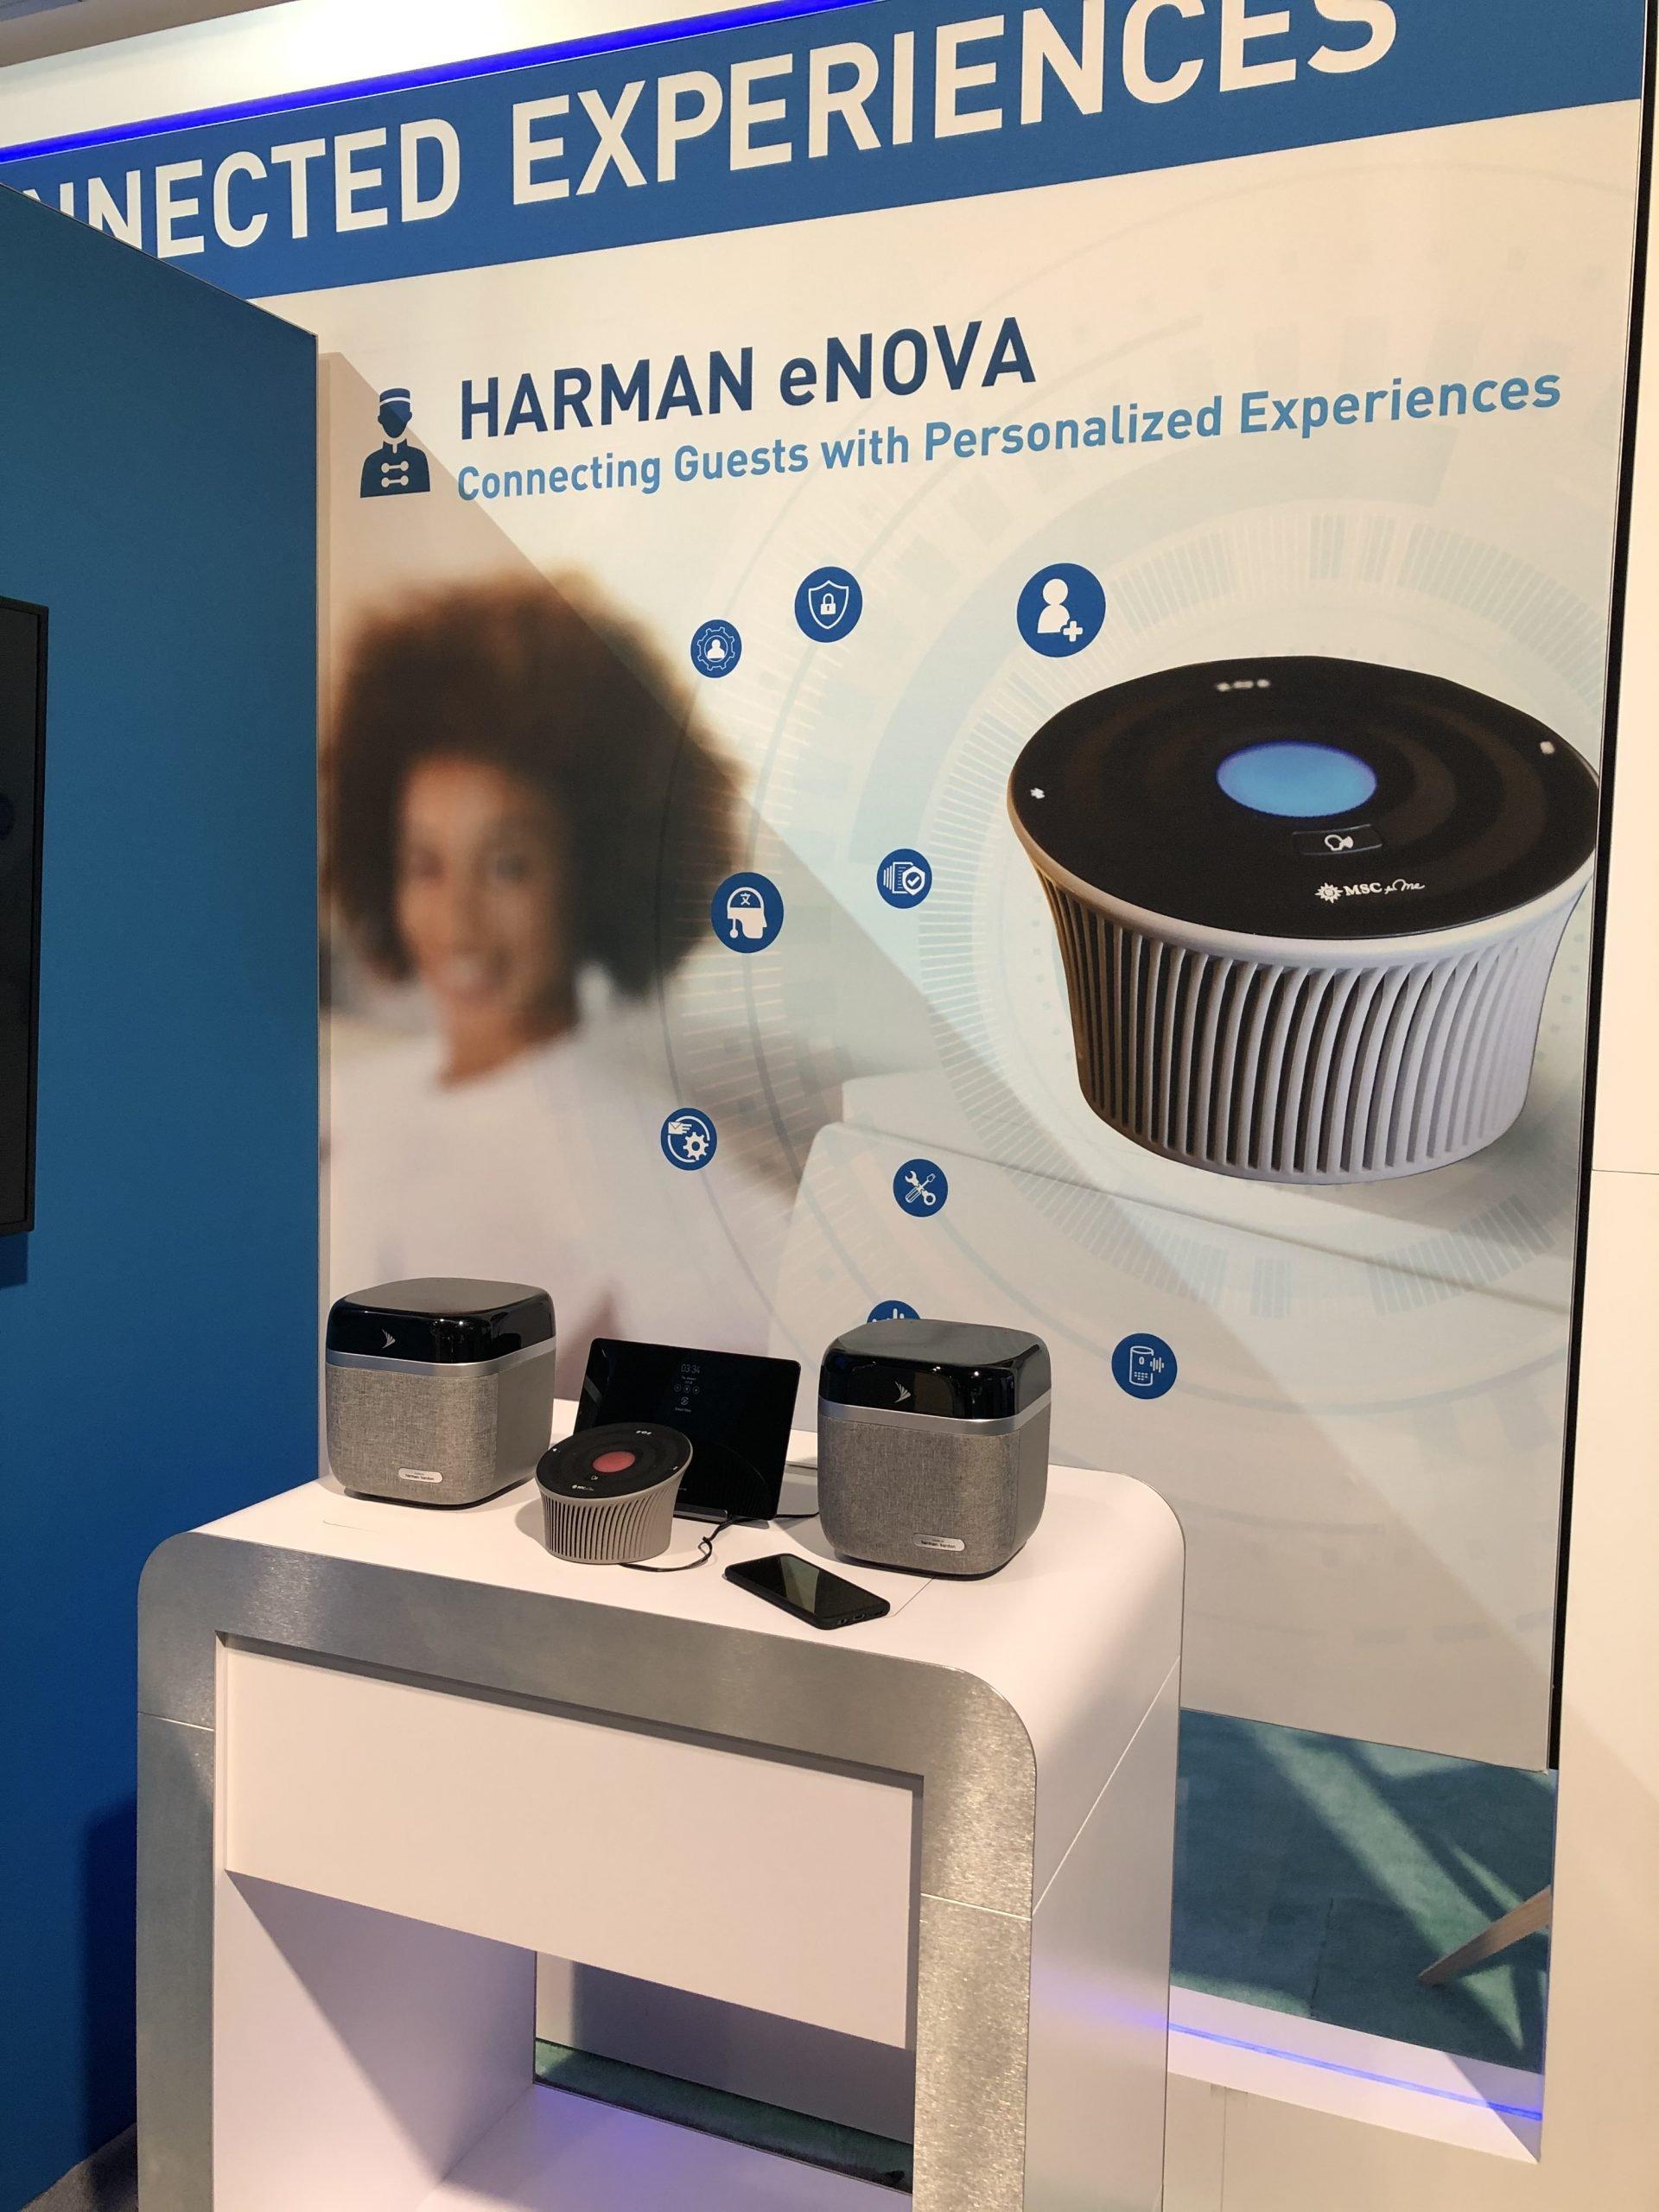 Harman eNova guest Voice Assistant